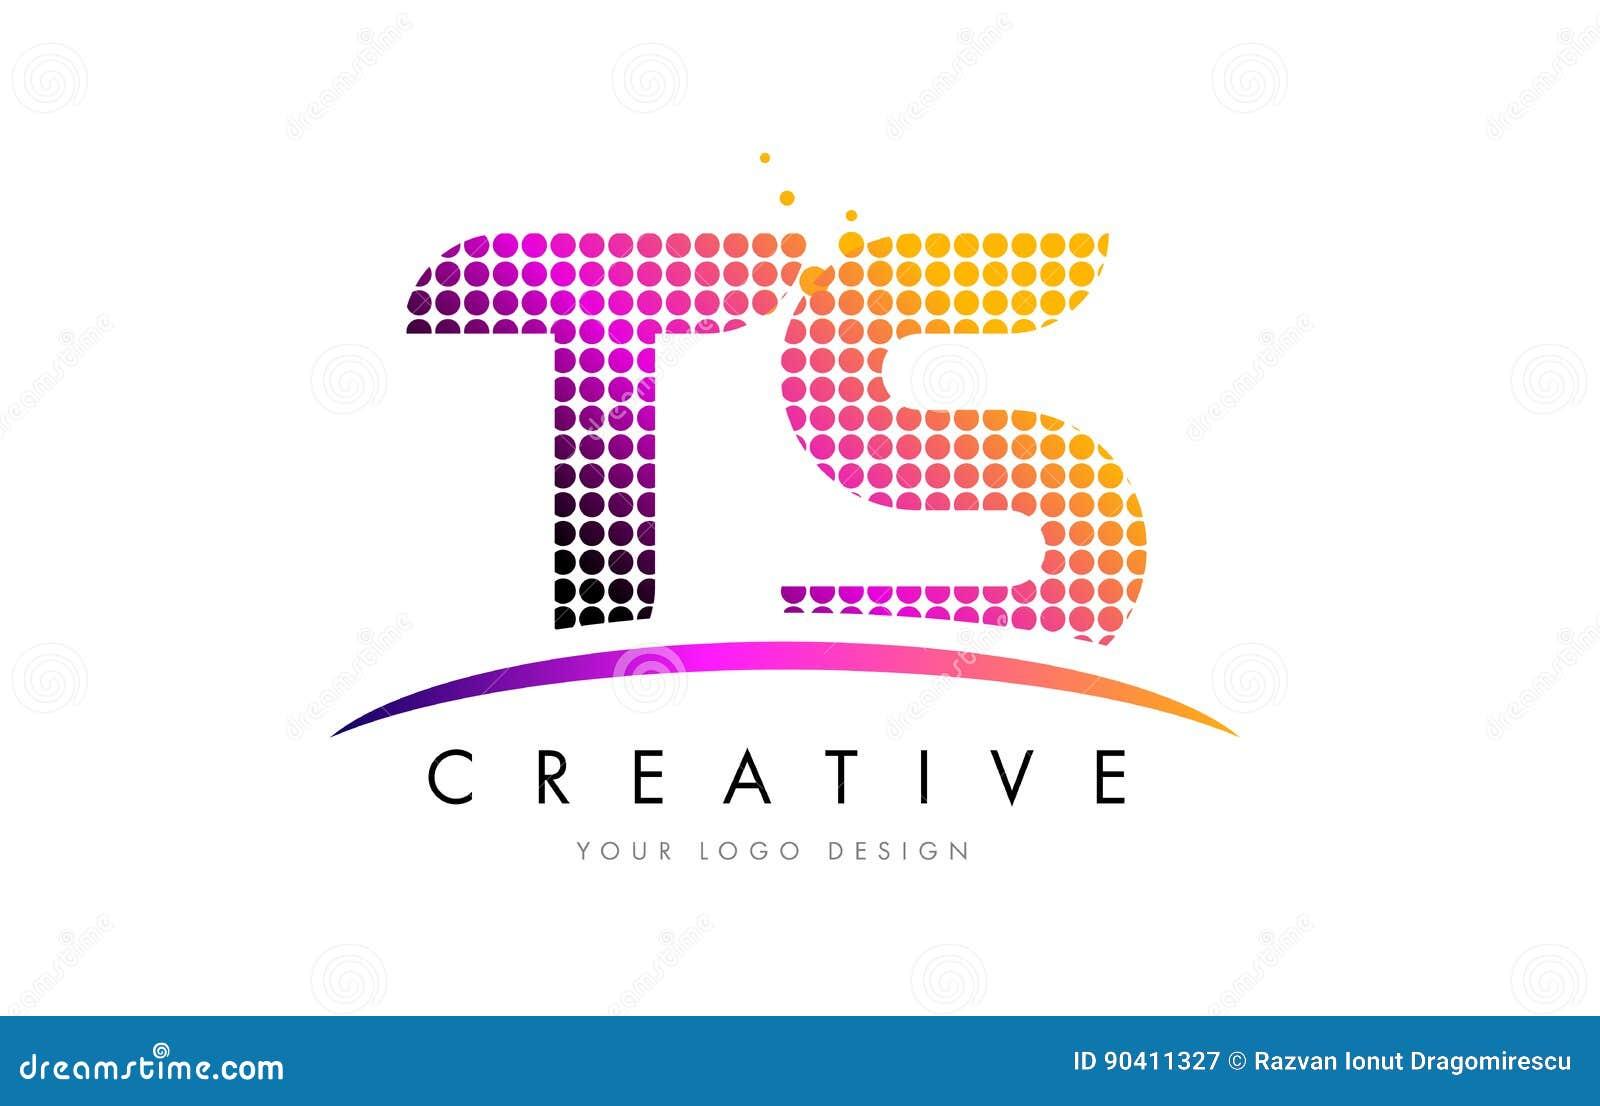 3e68cdae0 Letra Logo Design Dos TS T S Com Pontos Magentas E Swoosh Ilustração ...